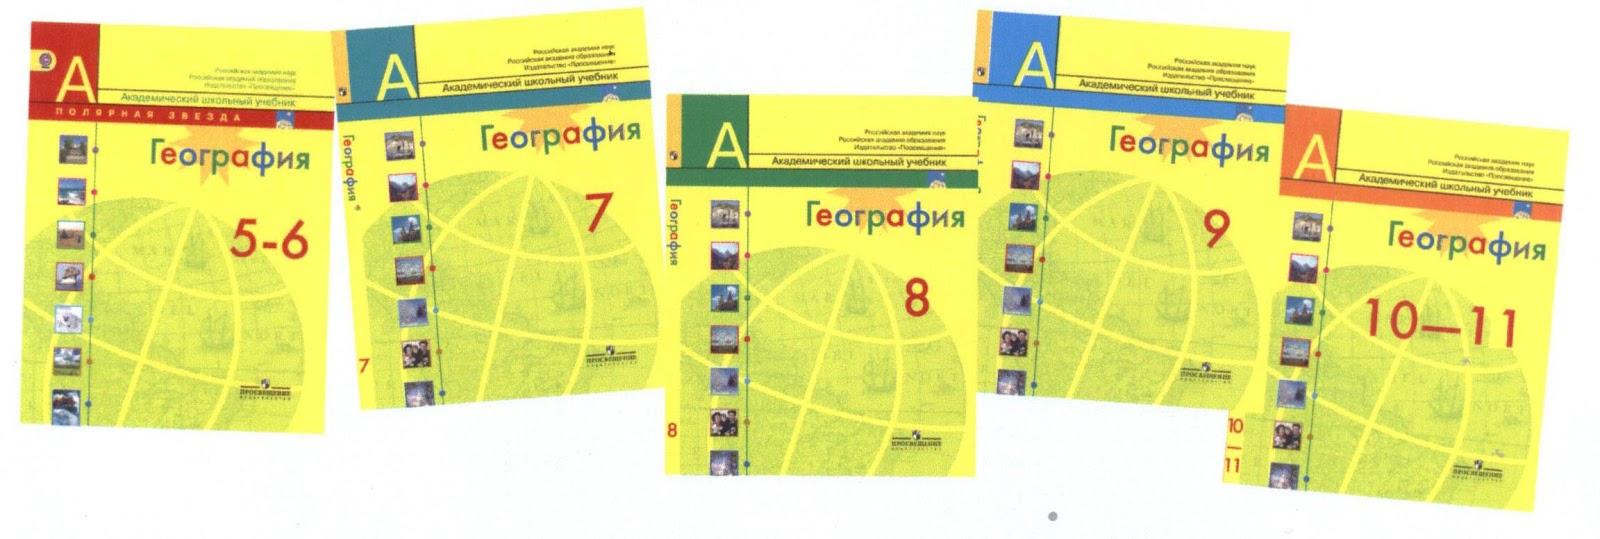 По полярная звезда 8 по учебнику гдз географии класс алексеева